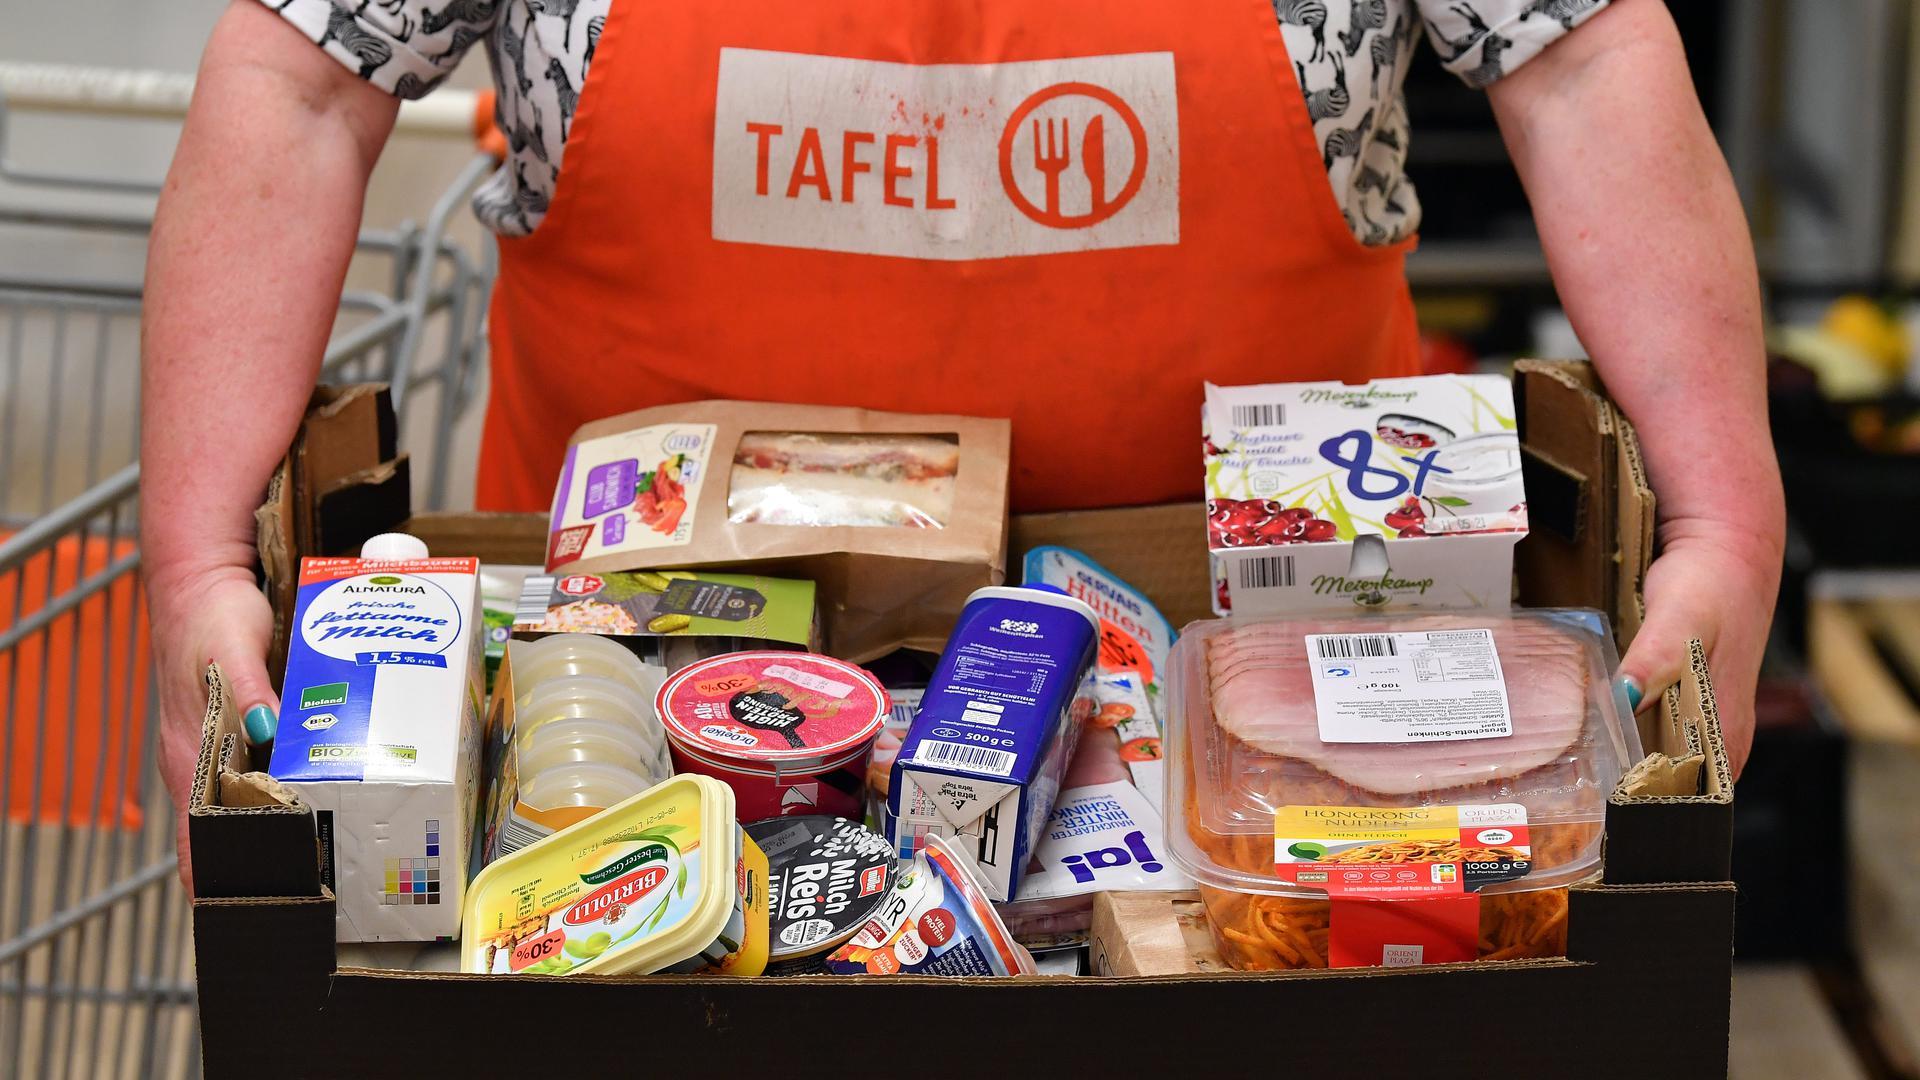 Eine Helferin der Tafel präsentiert die Kiste mit Lebensmitteln für einen Kunden.